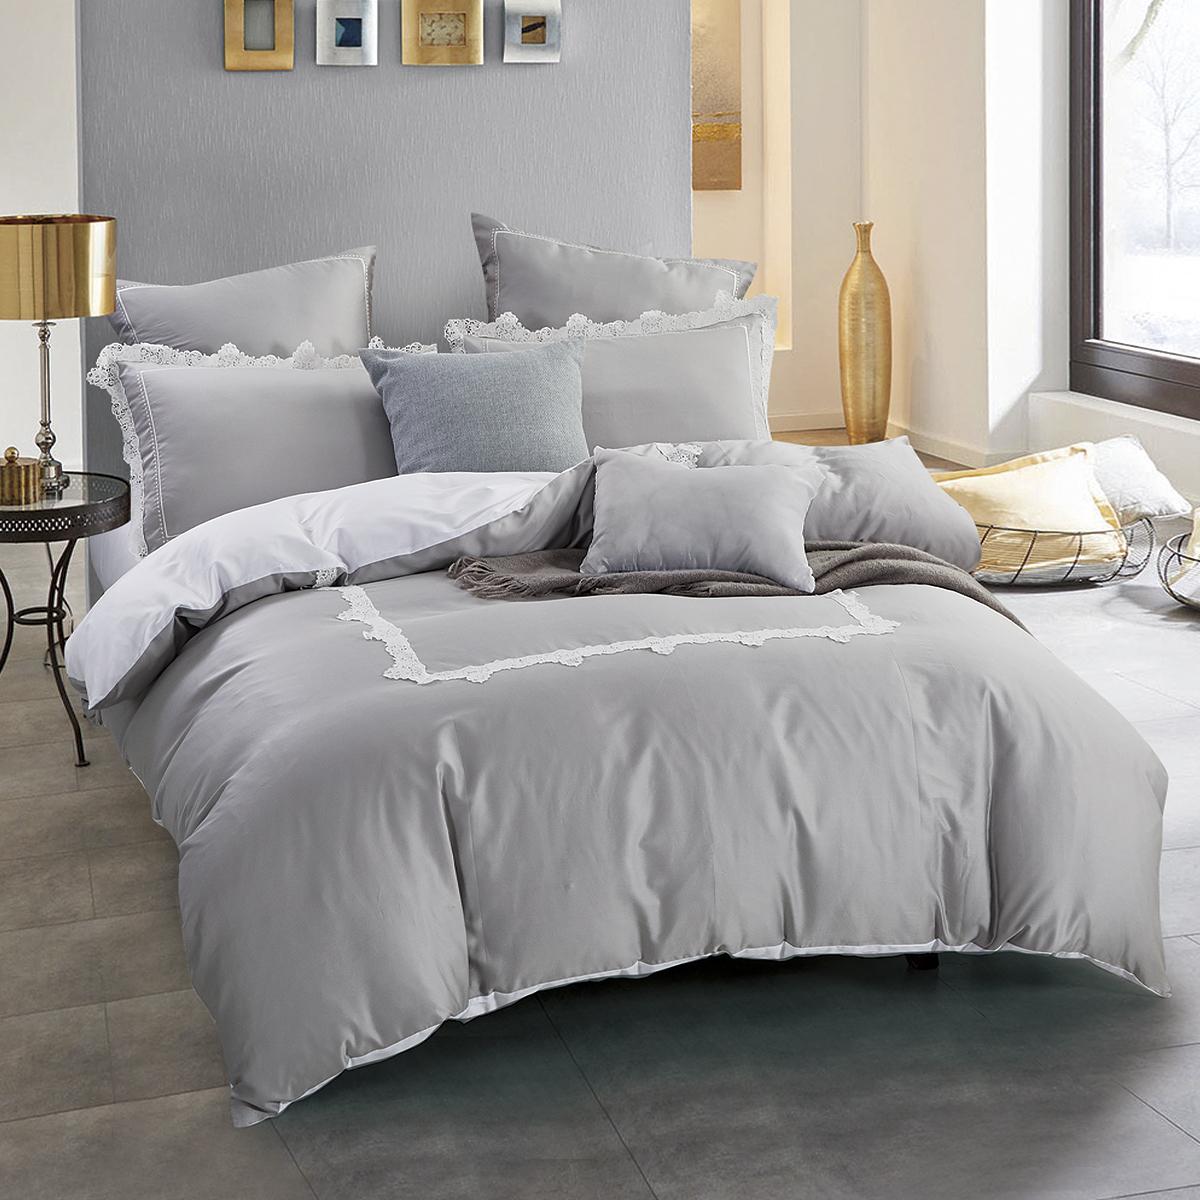 Купить Комплекты постельного белья Arya, Постельное белье Lola (2 сп. евро), Турция, Серый, Хлопковый сатин